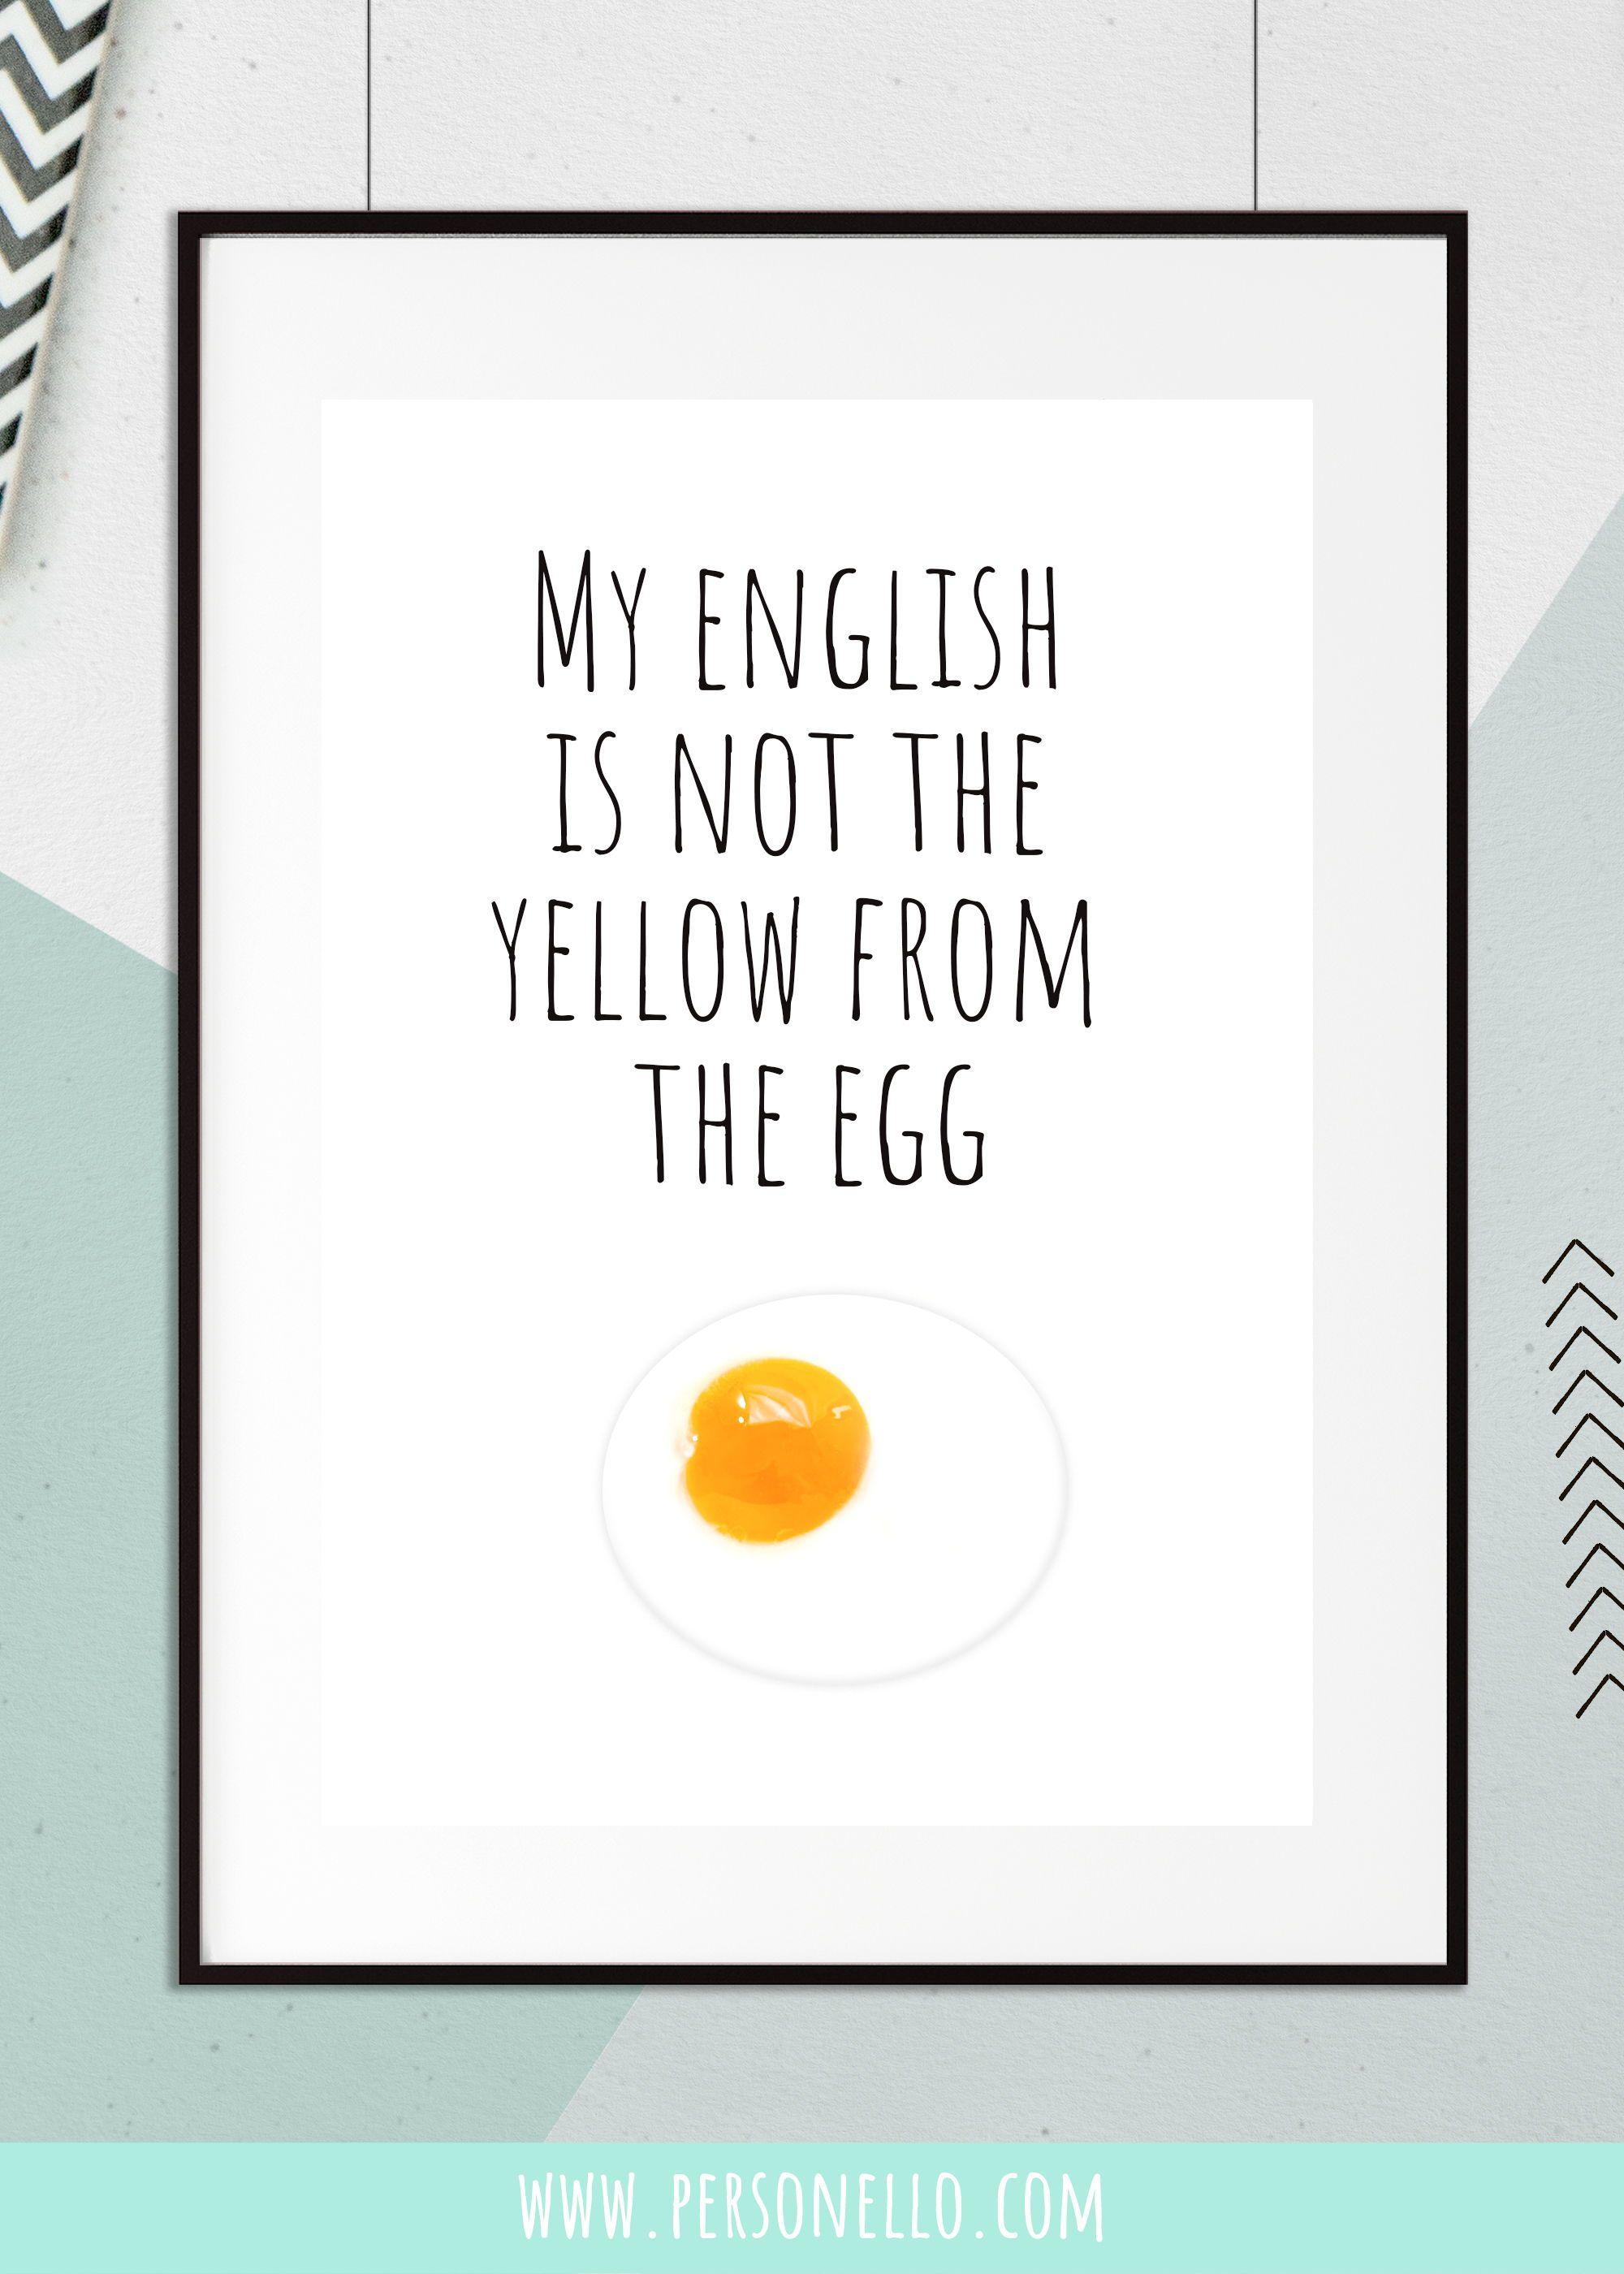 Deutsche Sprichwörter ins Englische übersetzt und fertig ist dein